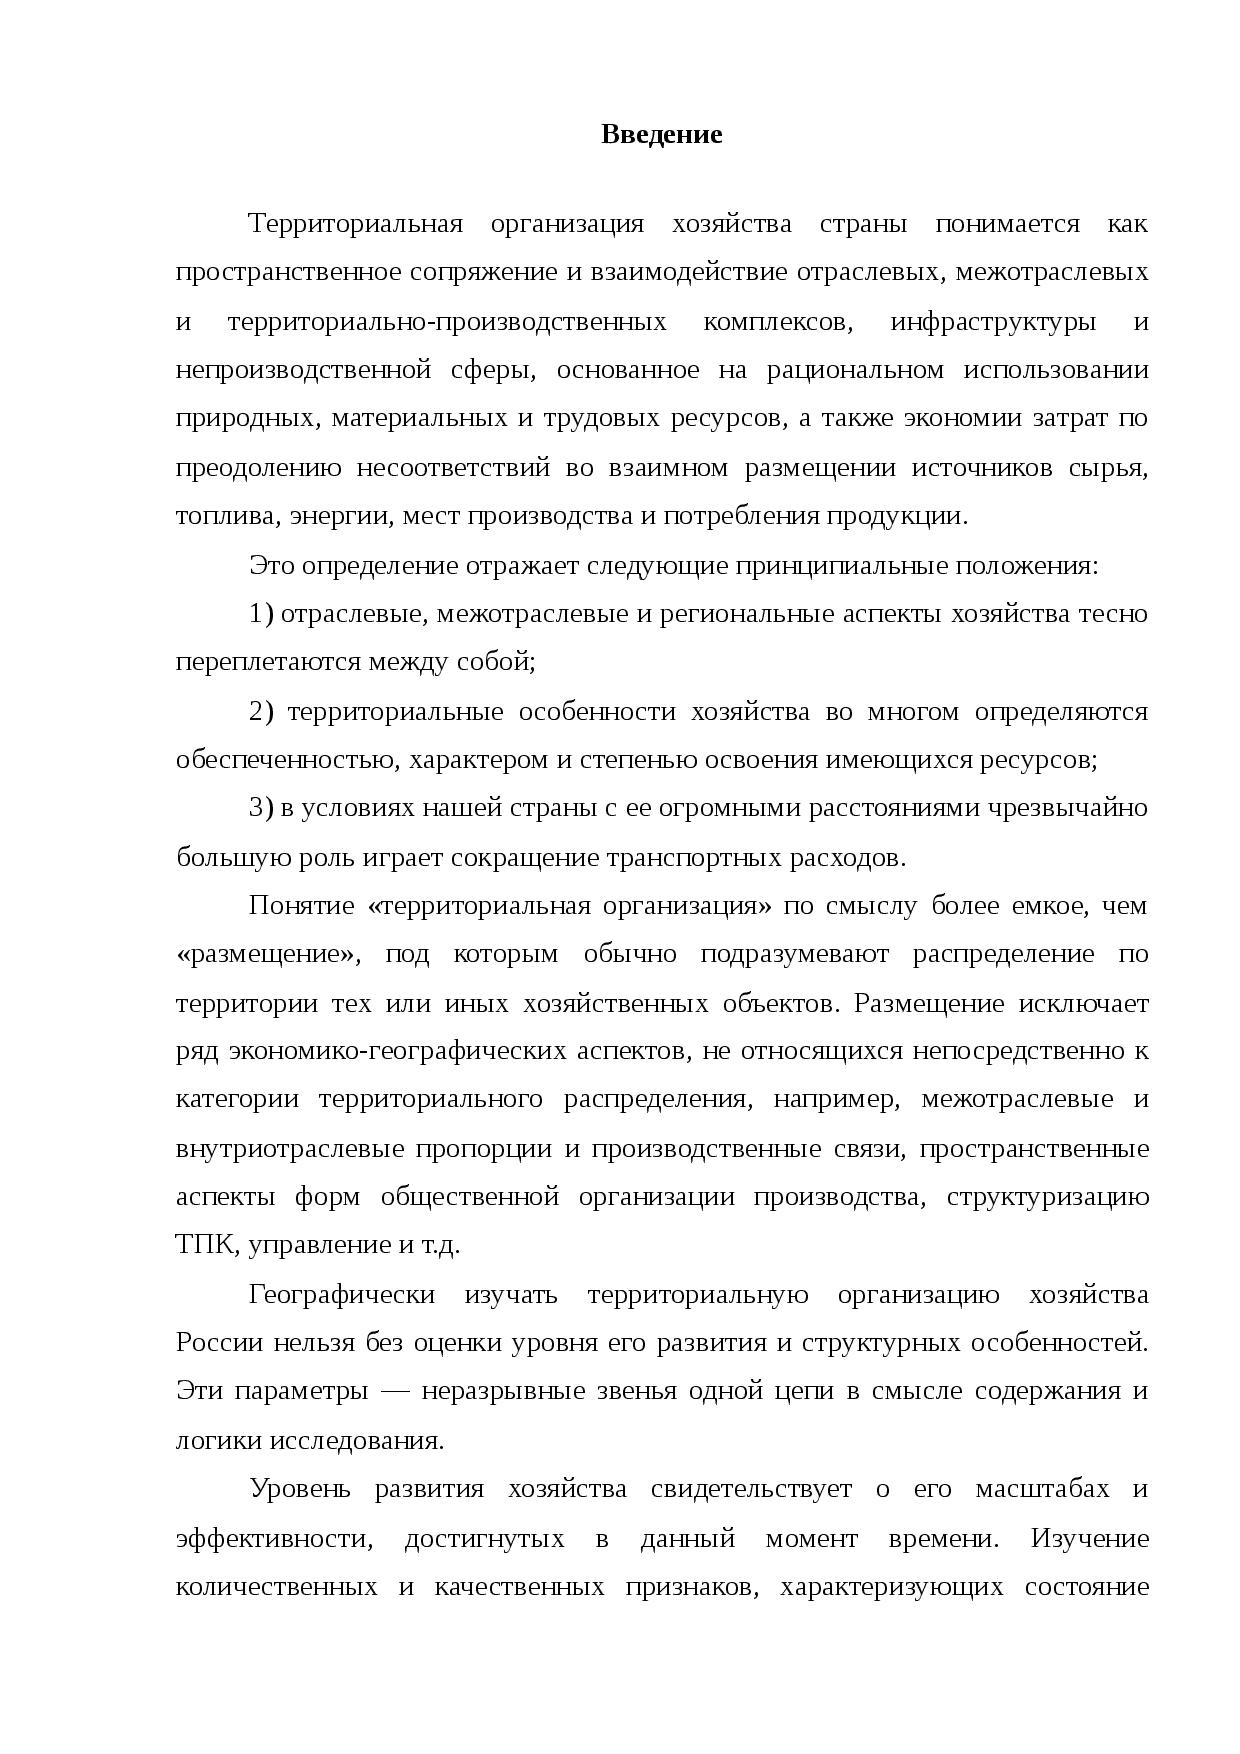 Тпк. тольяттинский политехнический колледж